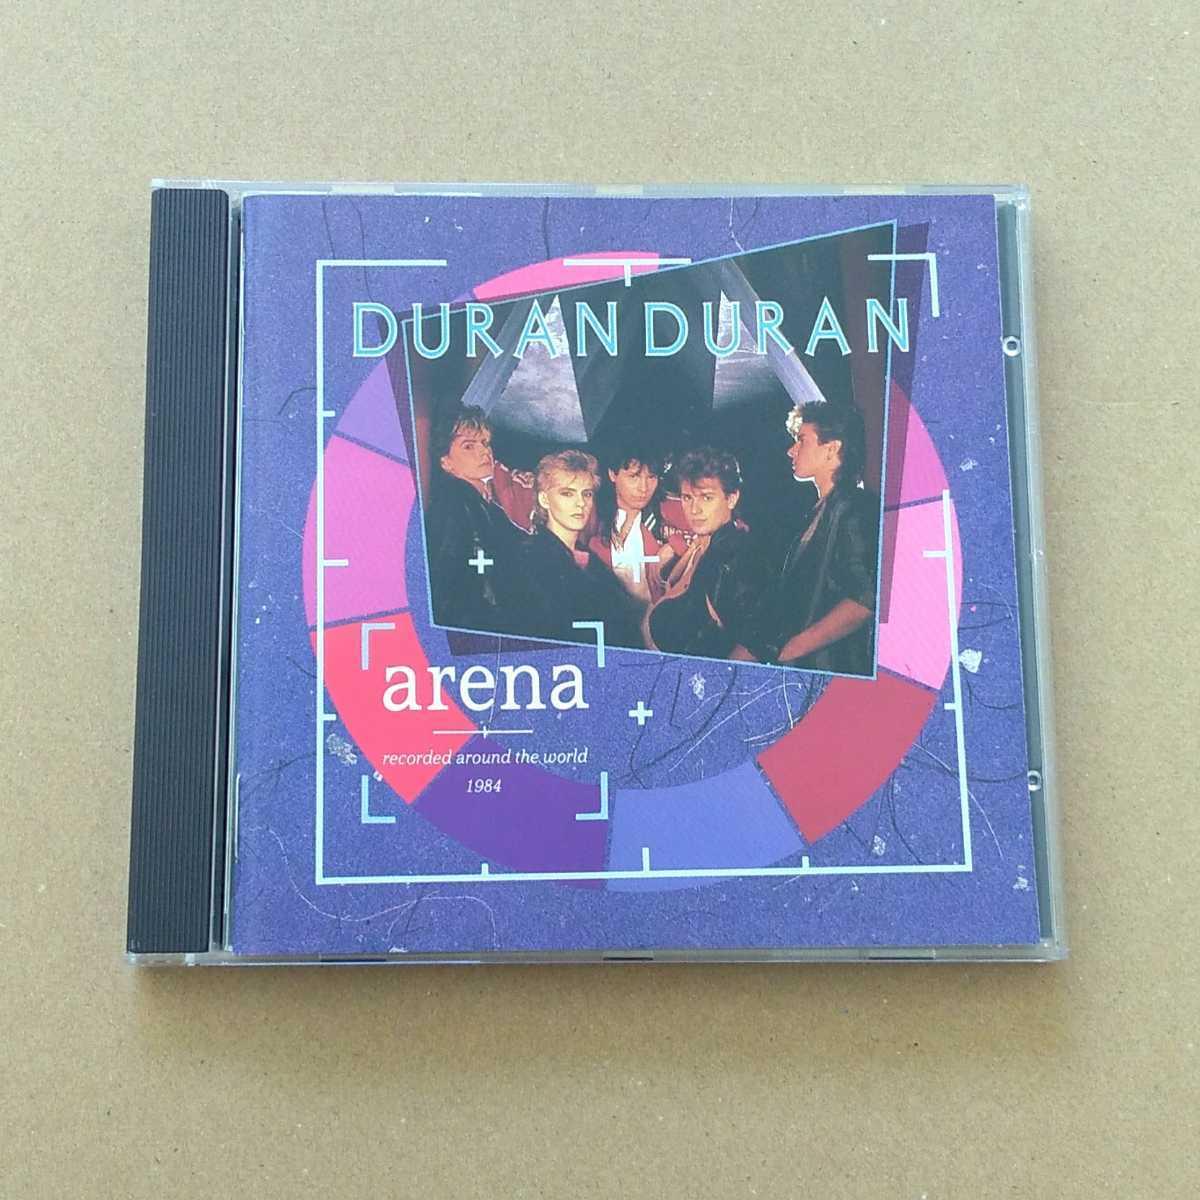 《洋楽》 DURAN DURAN / arena (デュラン・デュラン / アリーナ)